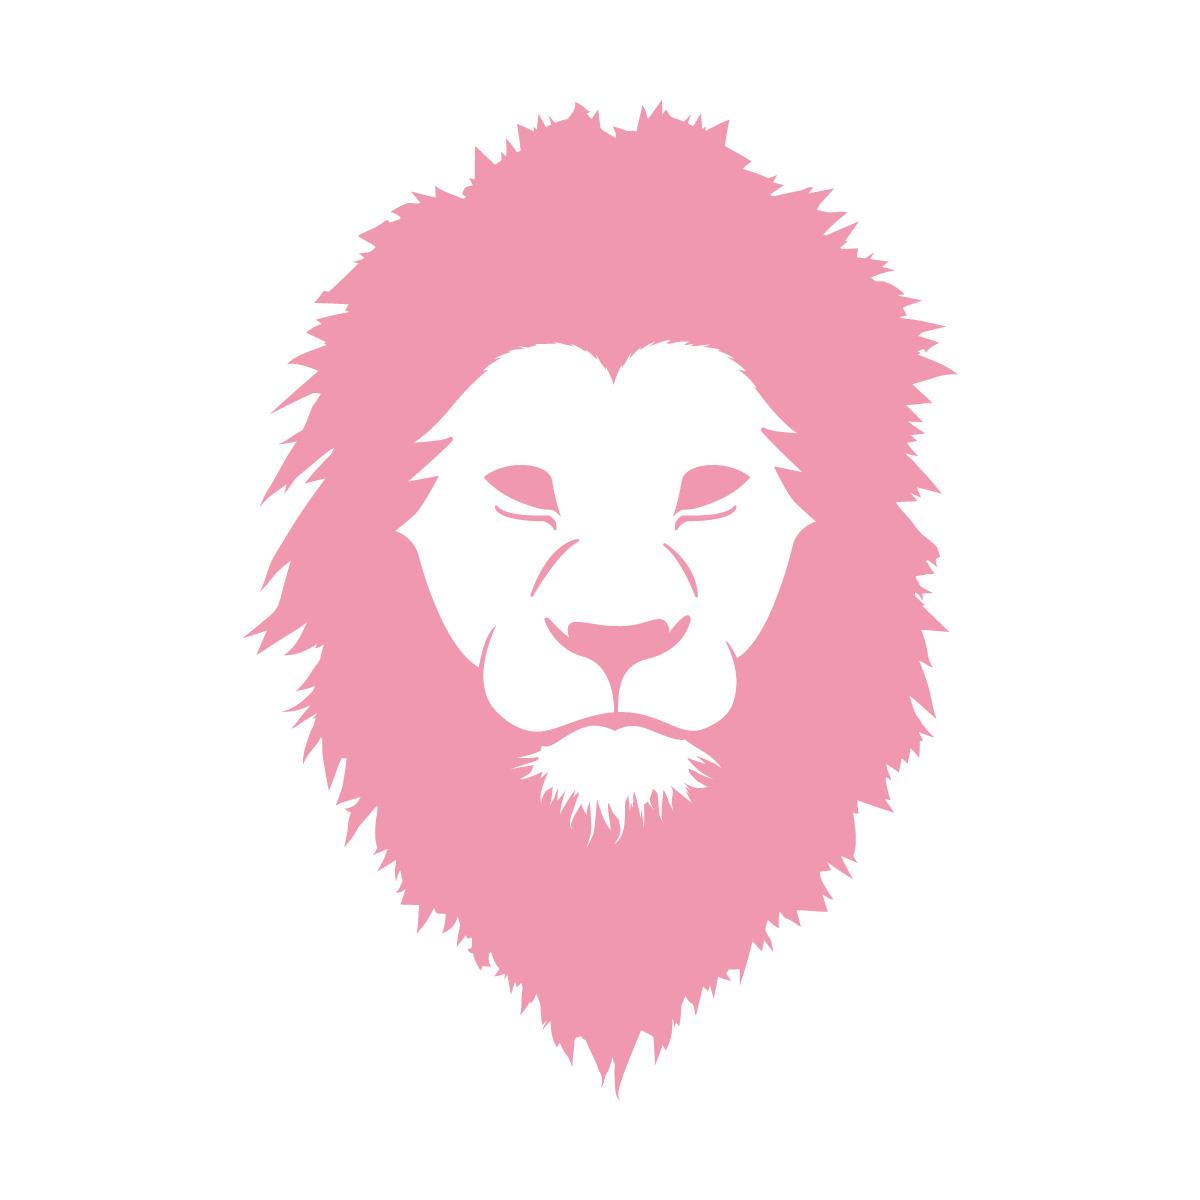 ピンク色のライオン シール ステッカー カッティングステッカー かっこいい 獅子 光沢タイプ・防水 耐水・屋外耐候3~4年